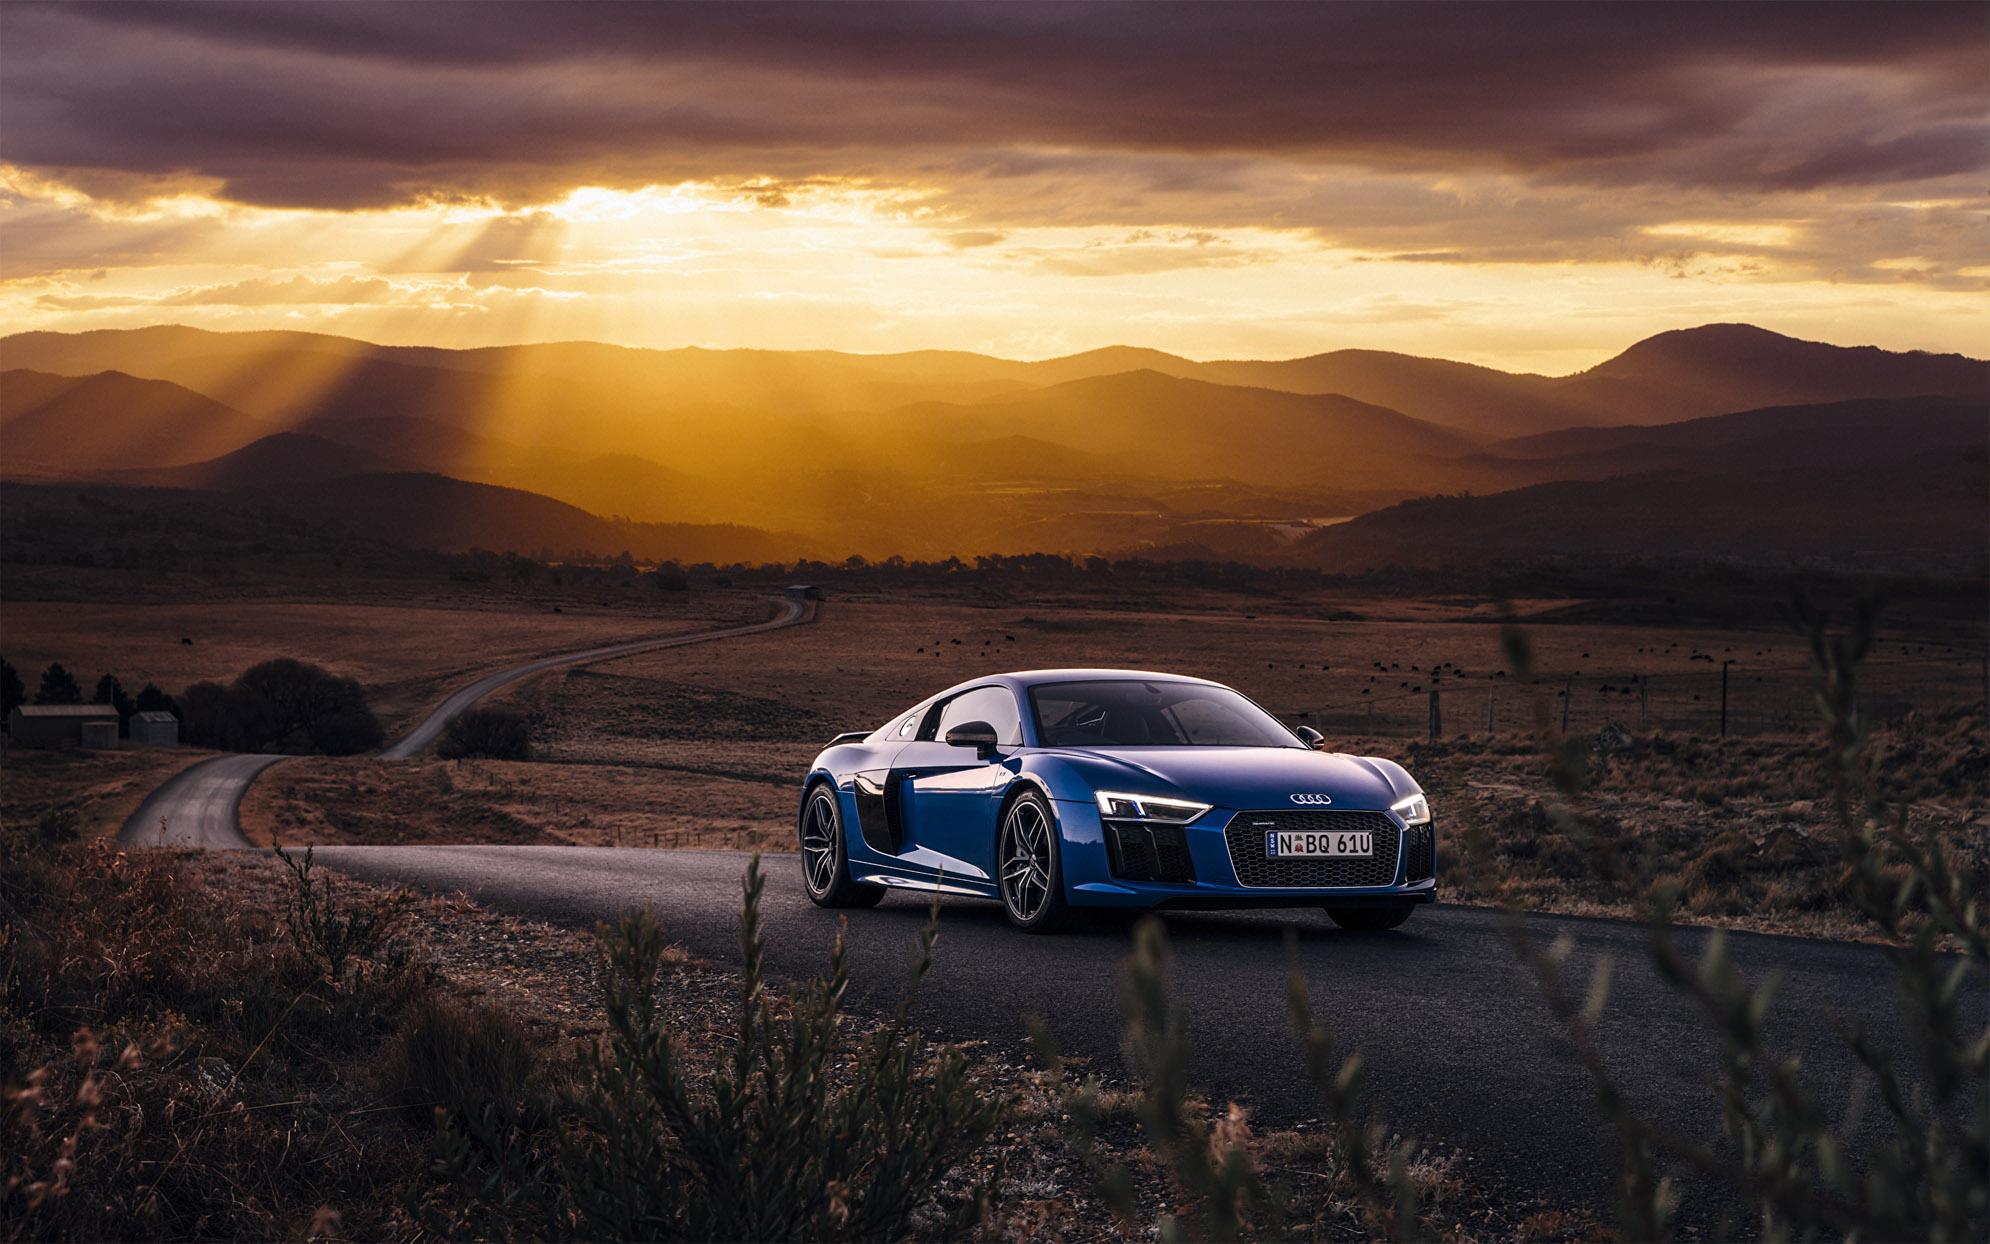 Классные картинки и обои автомобиля Audi R8 - подборка 25 фото 8